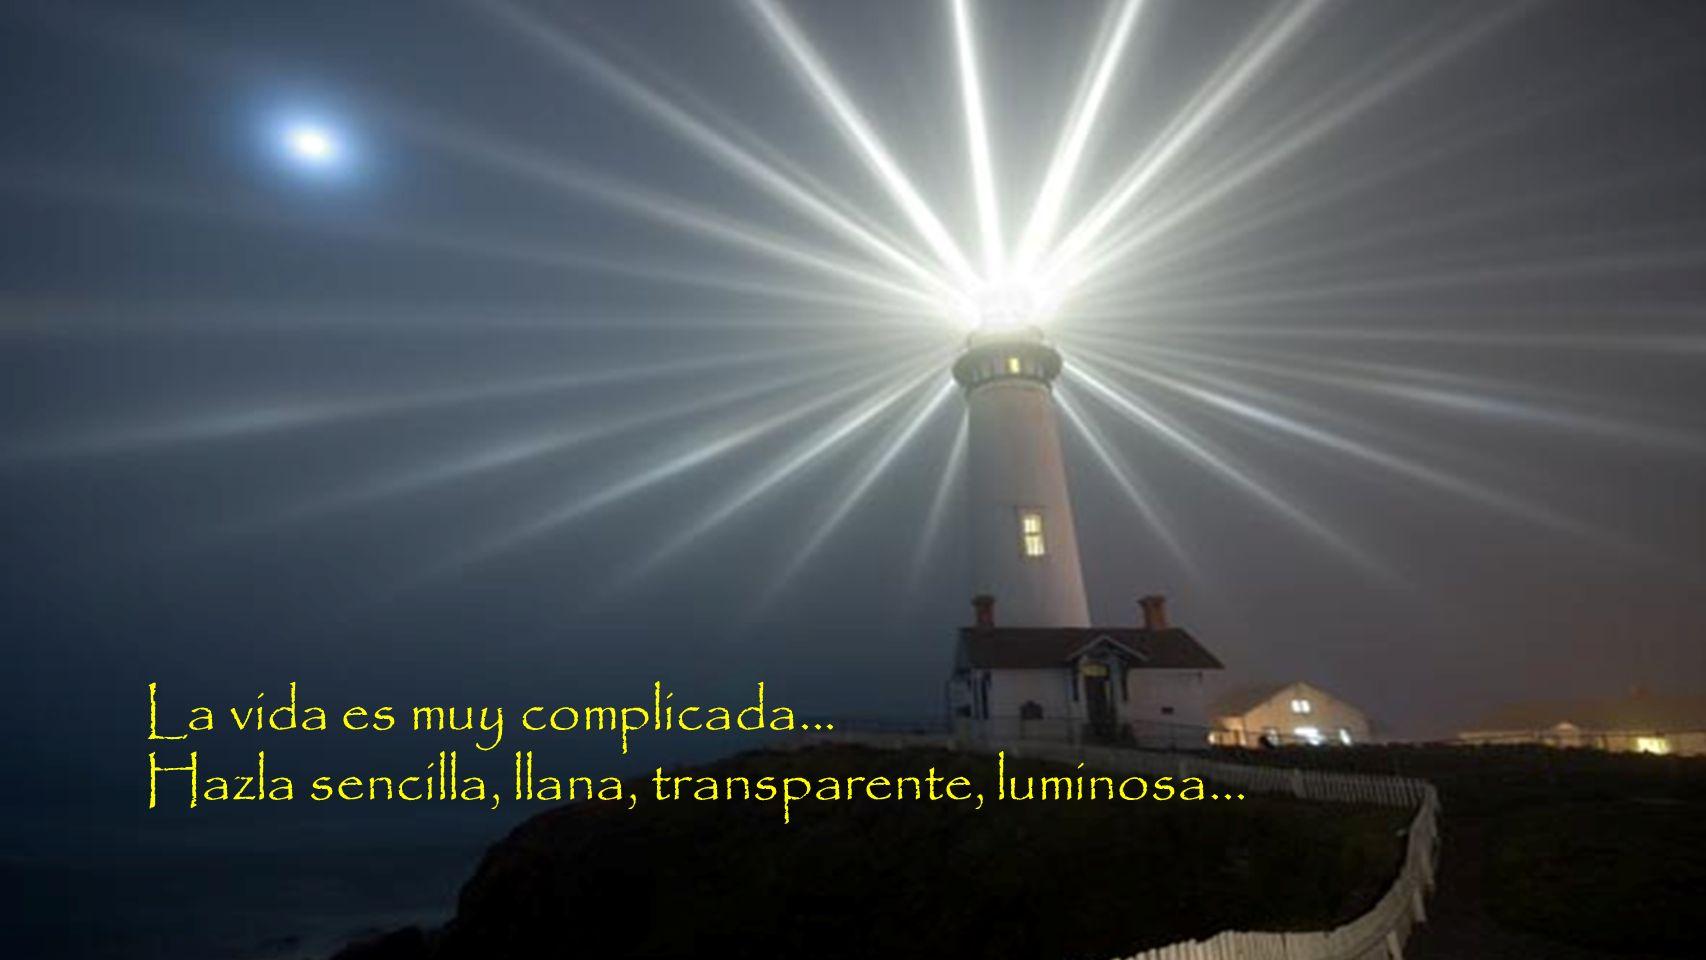 La vida es muy complicada... Hazla sencilla, llana, transparente, luminosa...